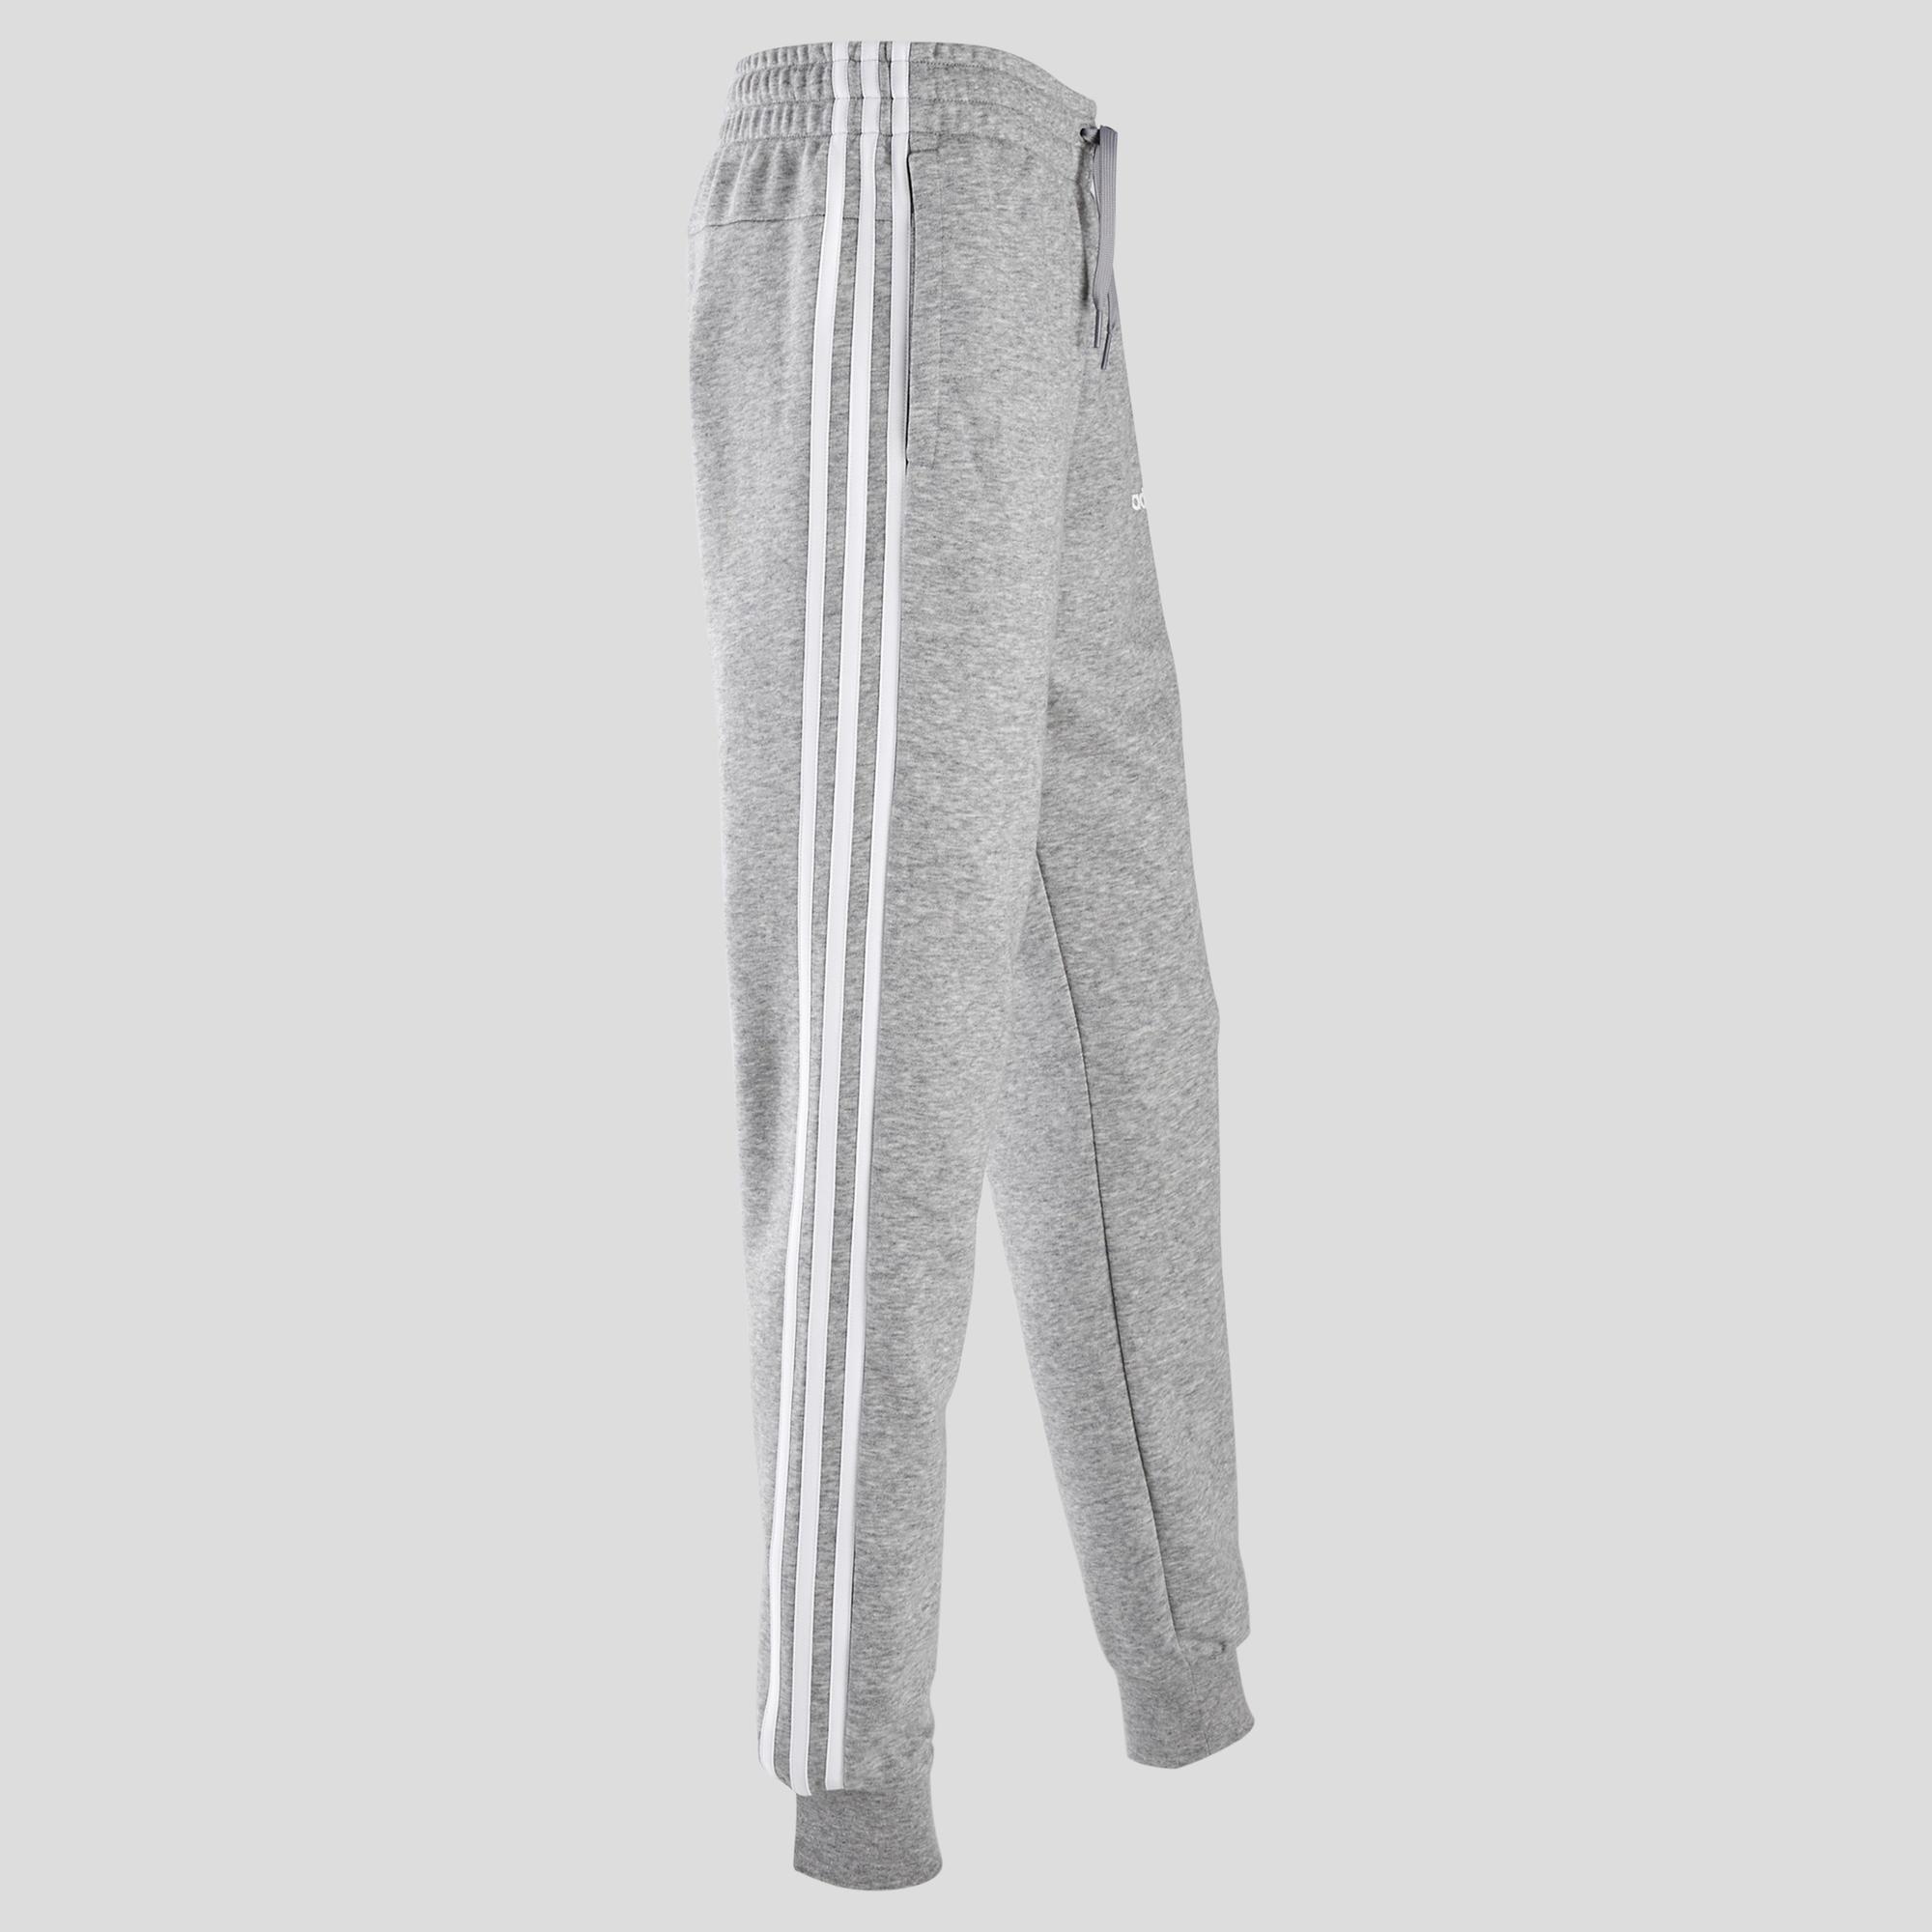 comprador Pez anémona horario  pantalon chandal adidas mujer gris - 60% descuento - gigarobot.net